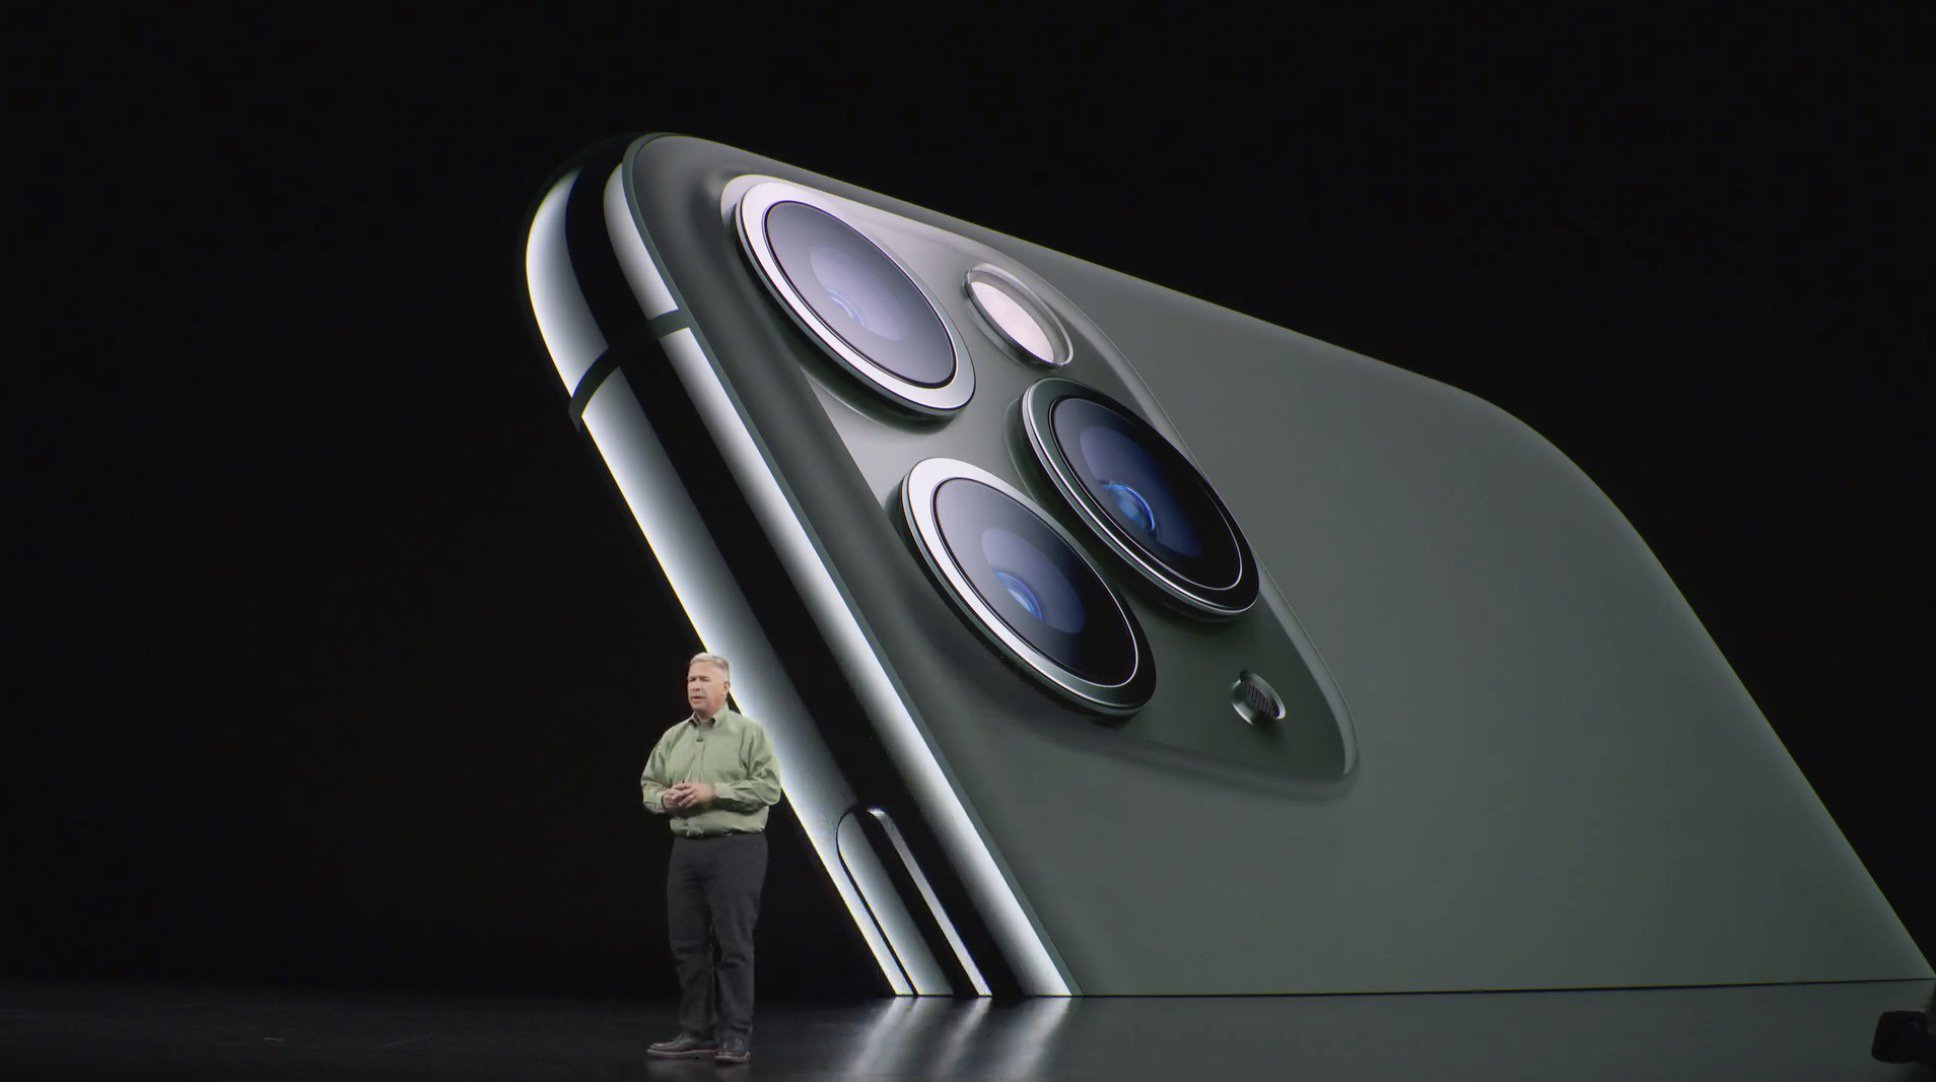 img 20190910 2033147766864903389076180 - iPhone 11 : les trois nouveaux iPhone sont désormais officiels